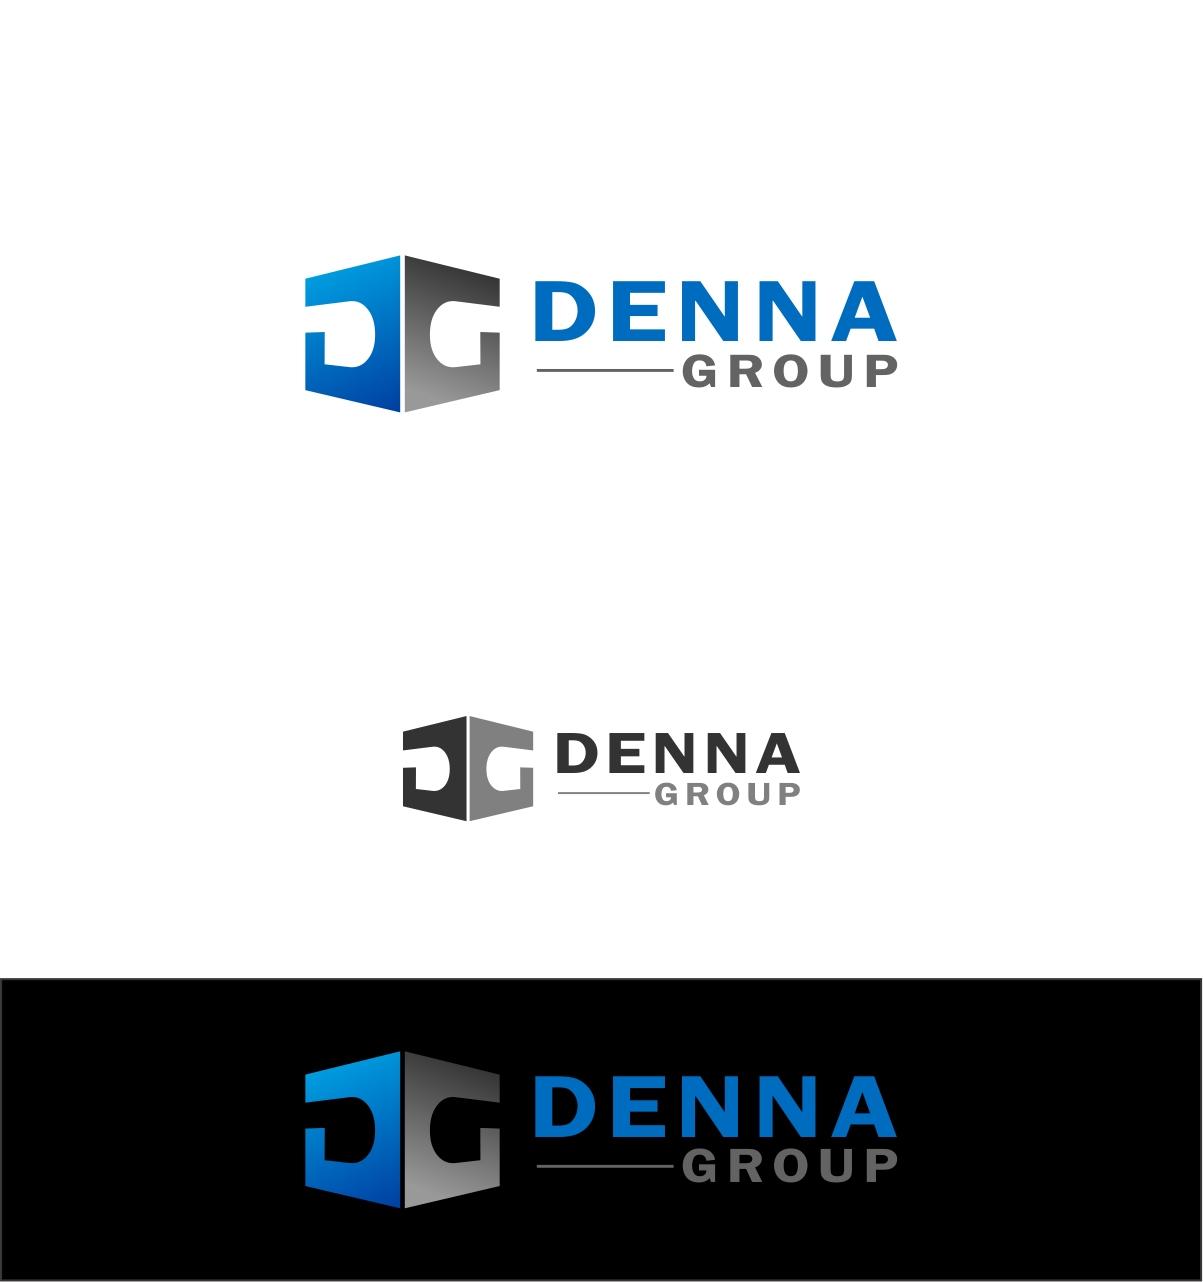 Logo Design by haidu - Entry No. 64 in the Logo Design Contest Denna Group Logo Design.